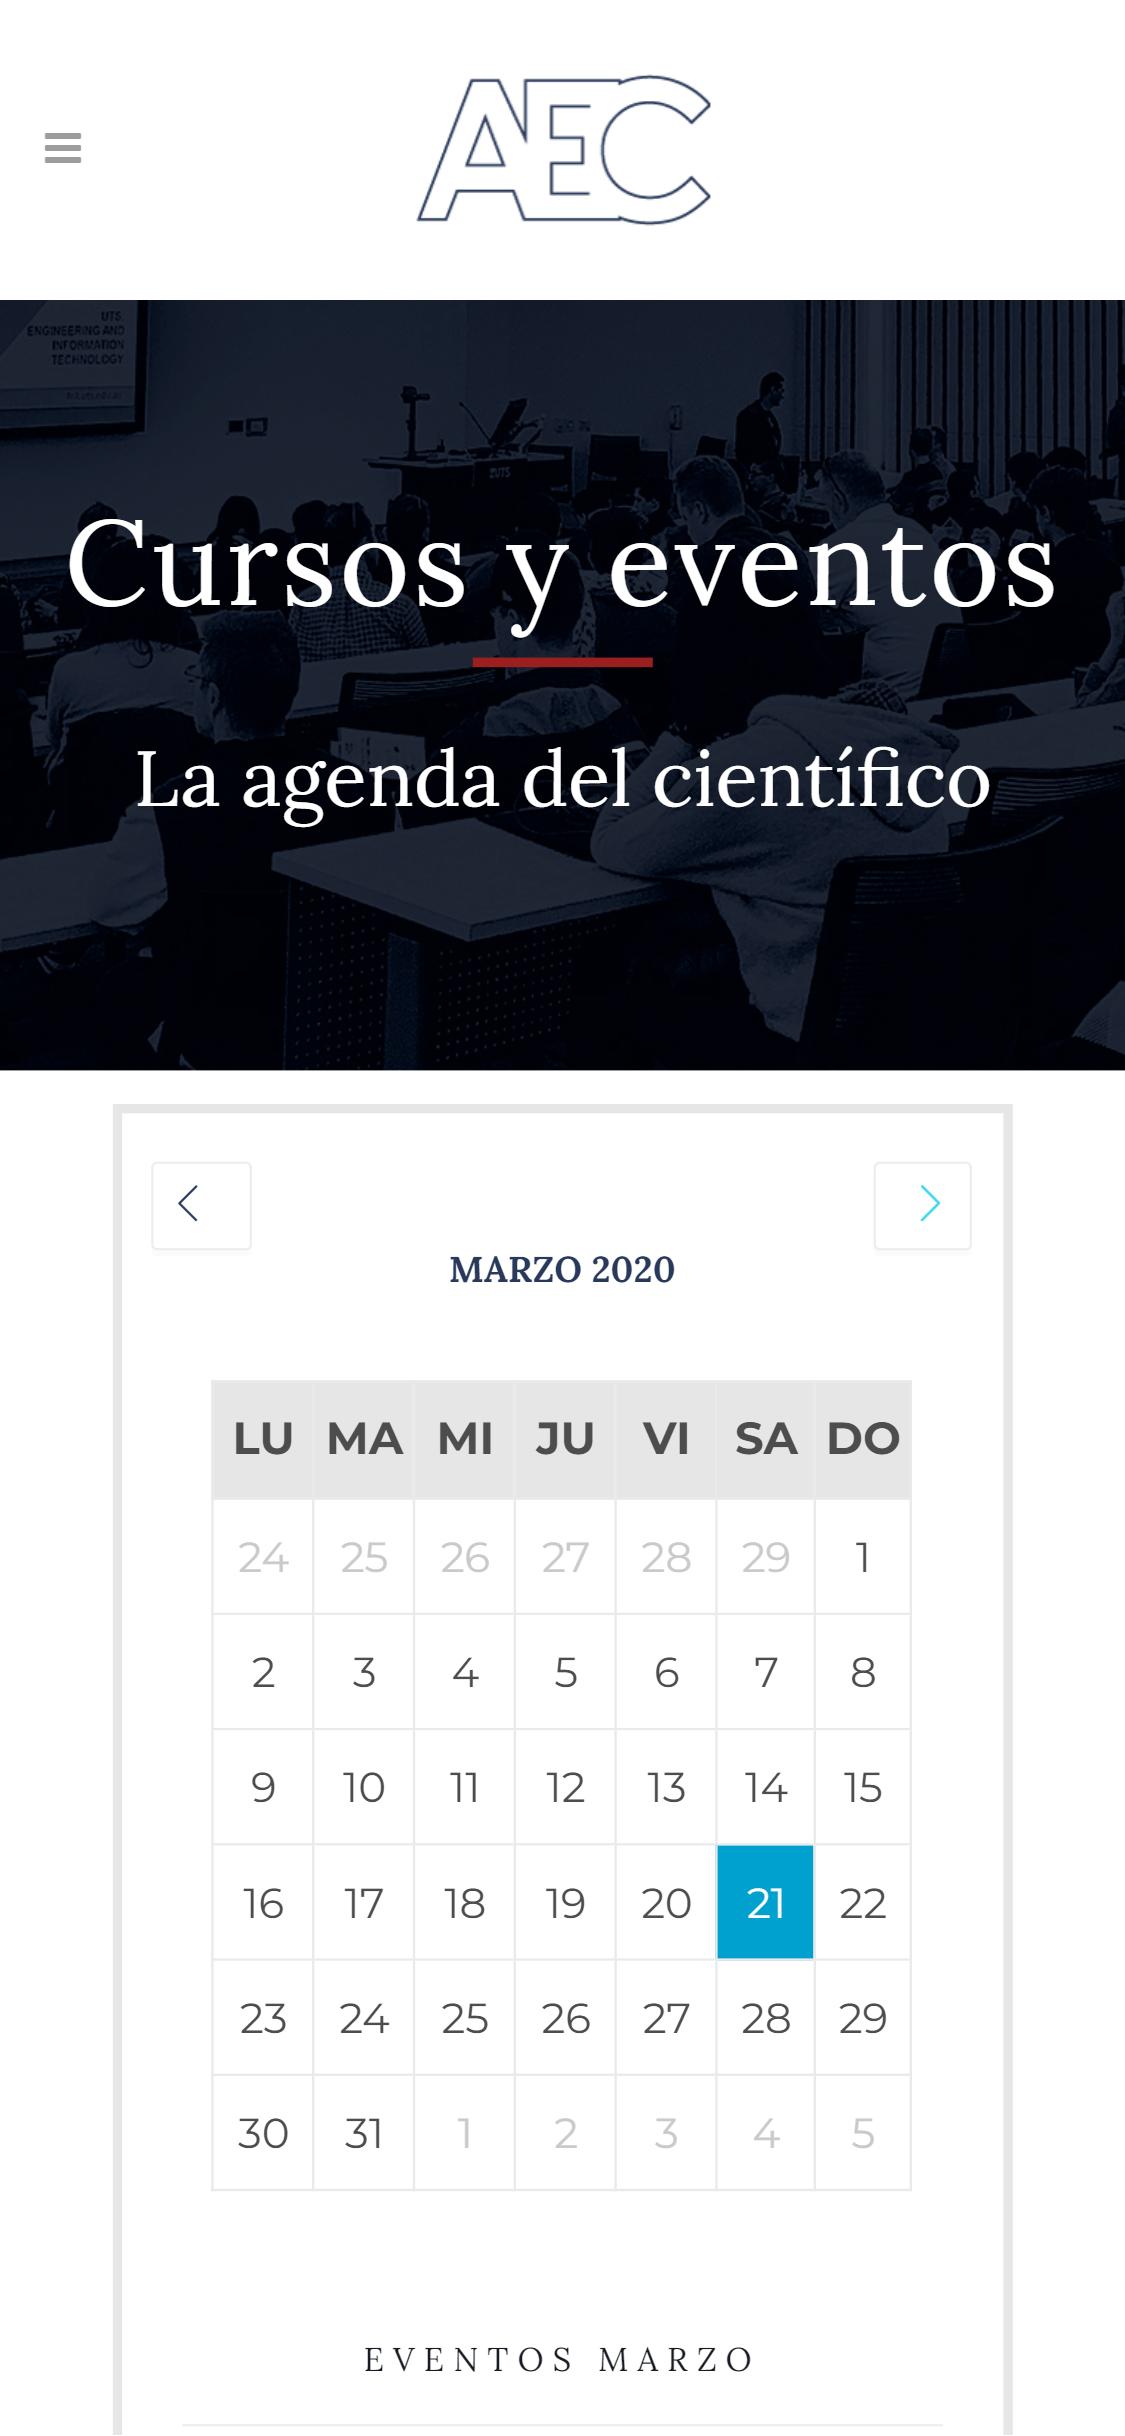 www.aecientificos.es_cursos-y-eventos_(iPhone X)